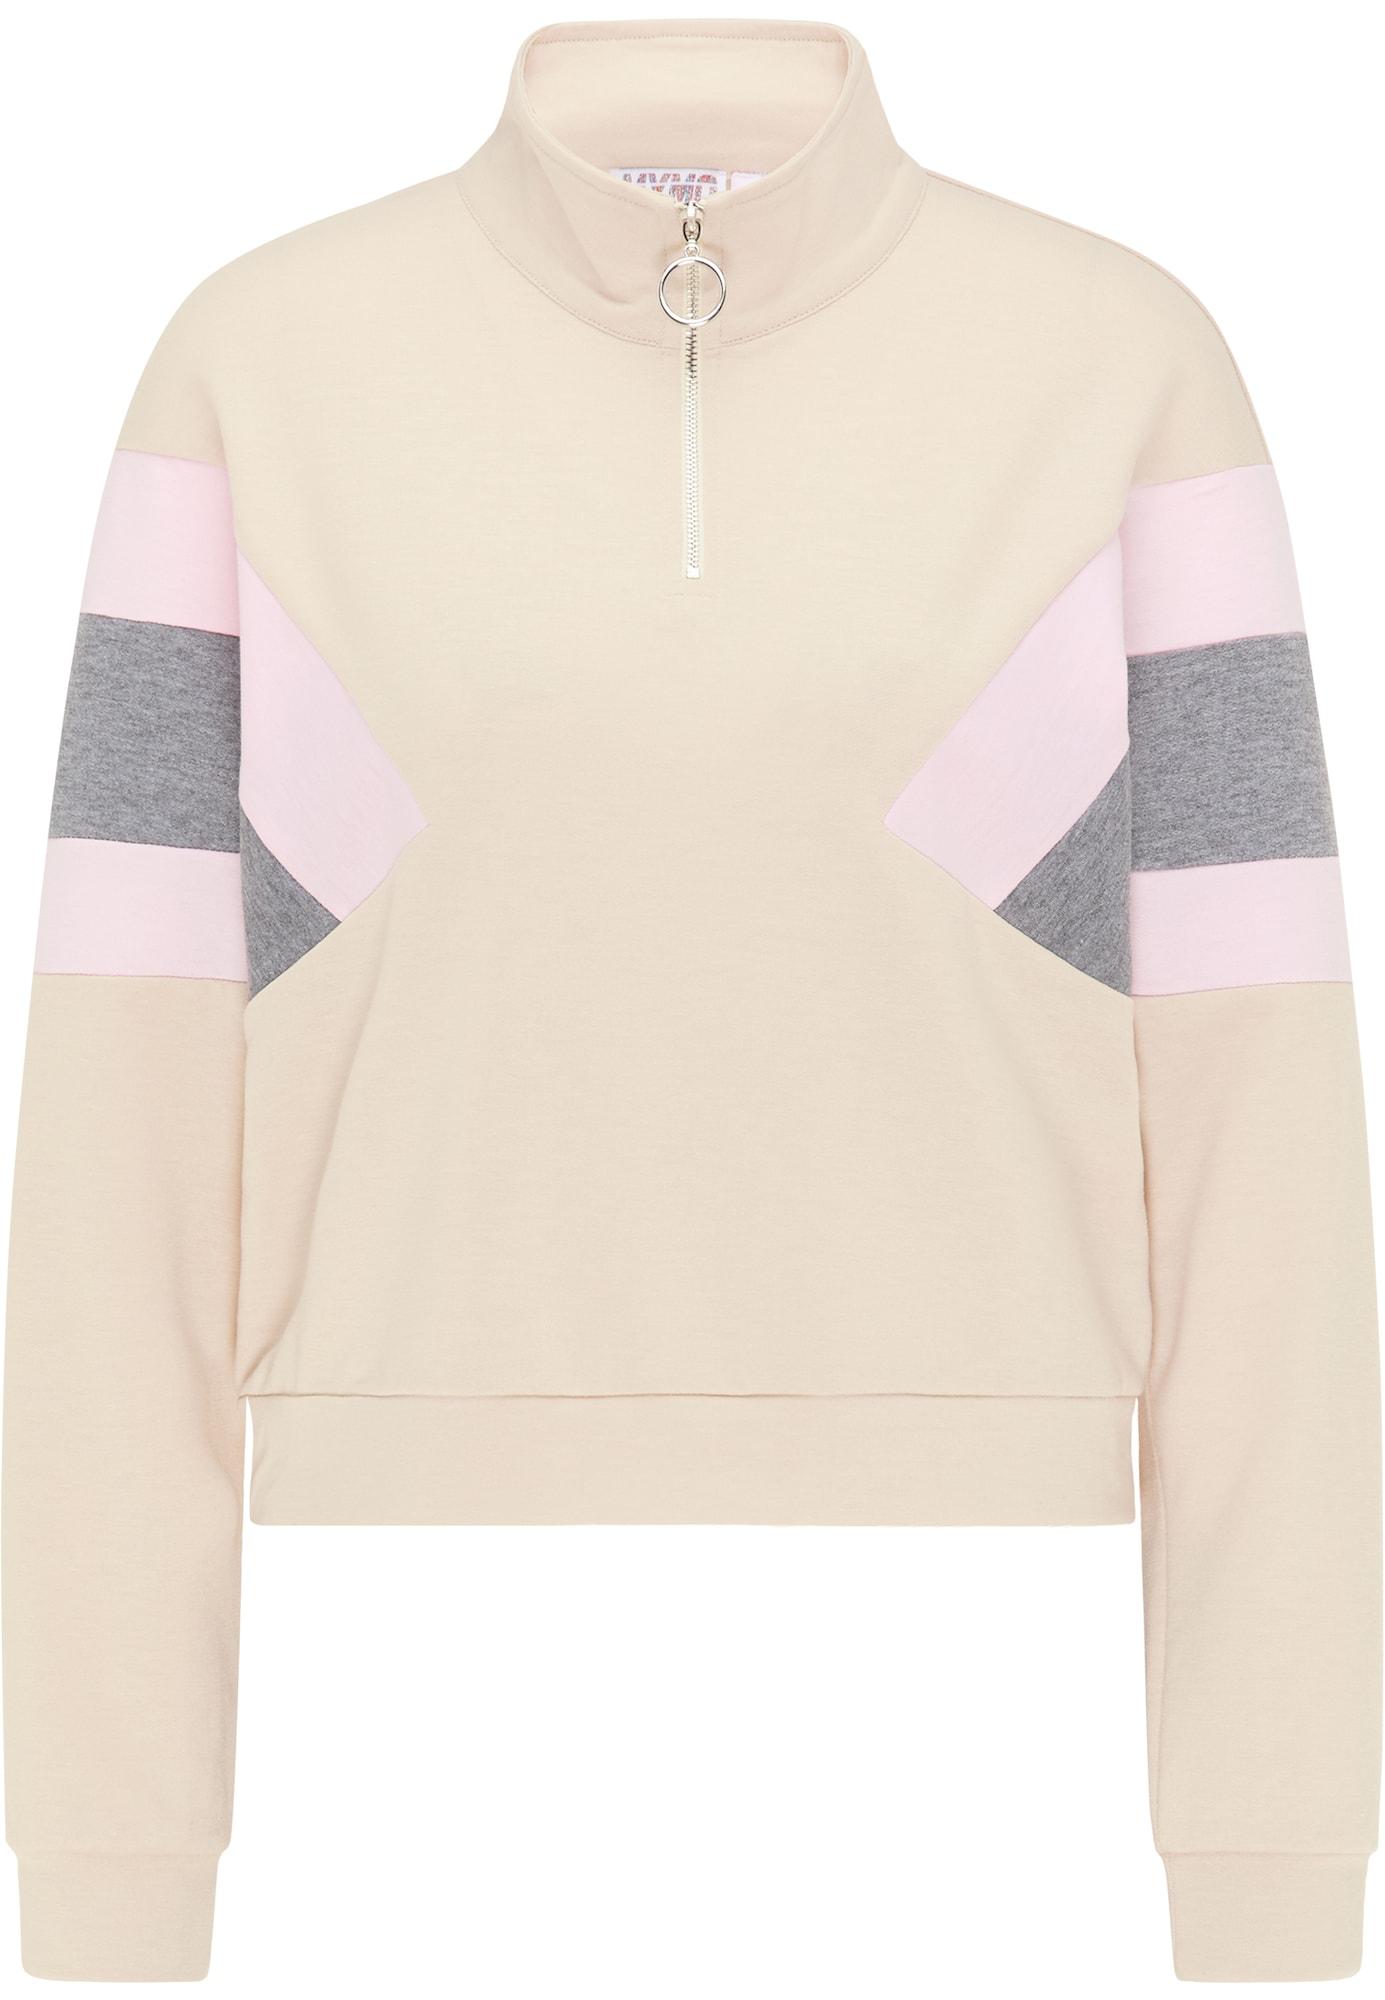 myMo ATHLSR Sportinio tipo megztinis smėlio / pilka / rožių spalva